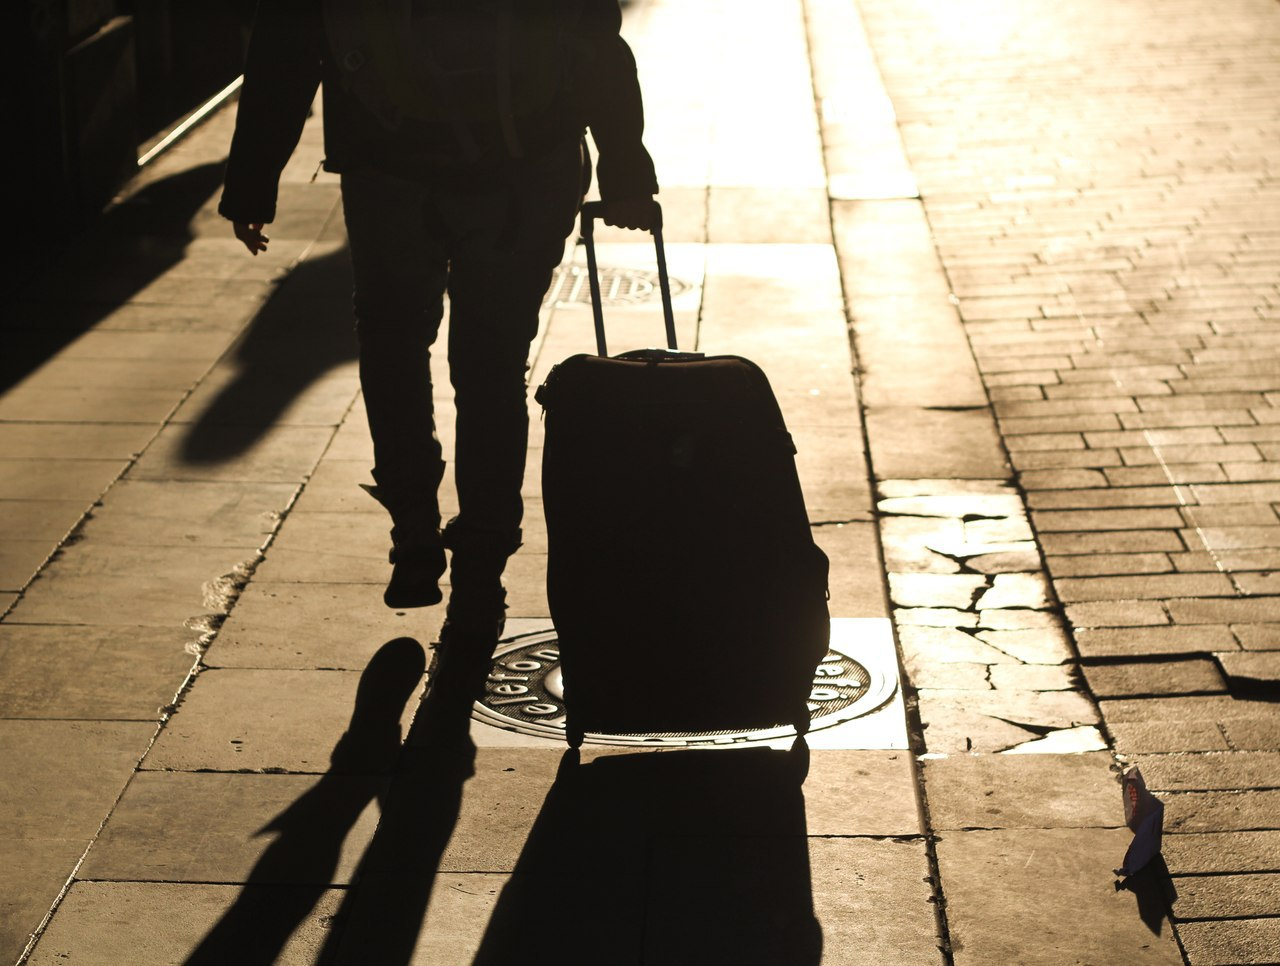 В ближайший год 12% граждан Украины собираются уехать за границу на заработки